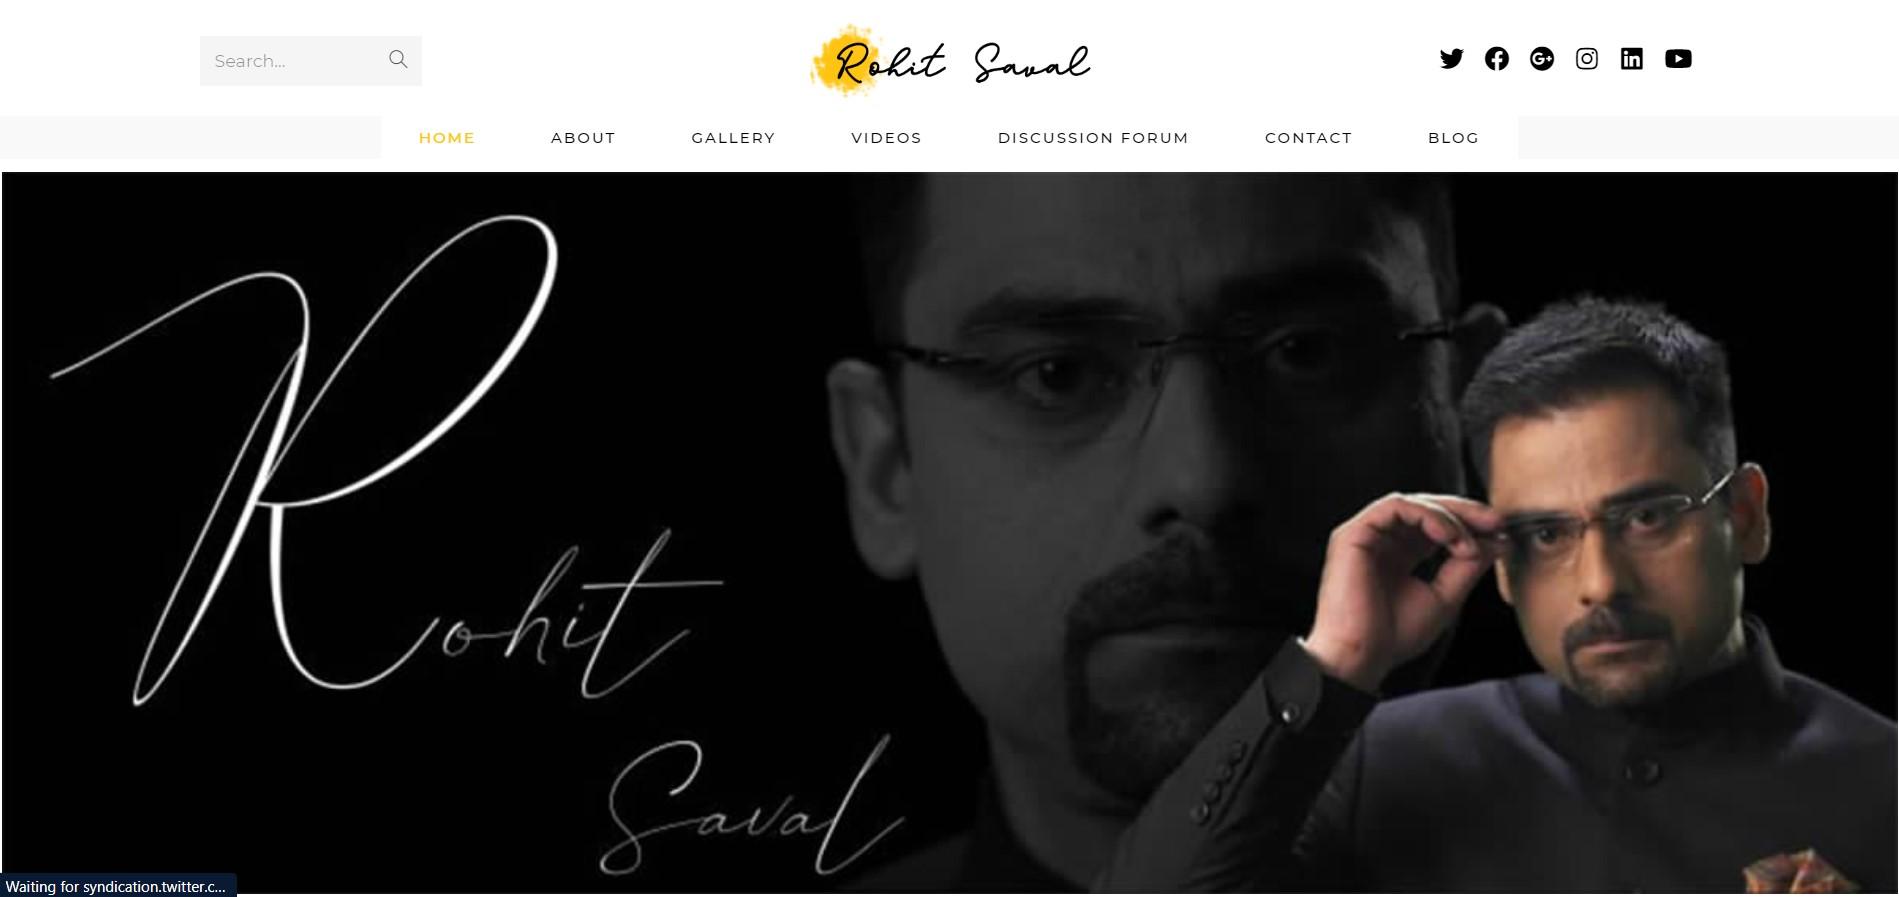 rohitsaval.com